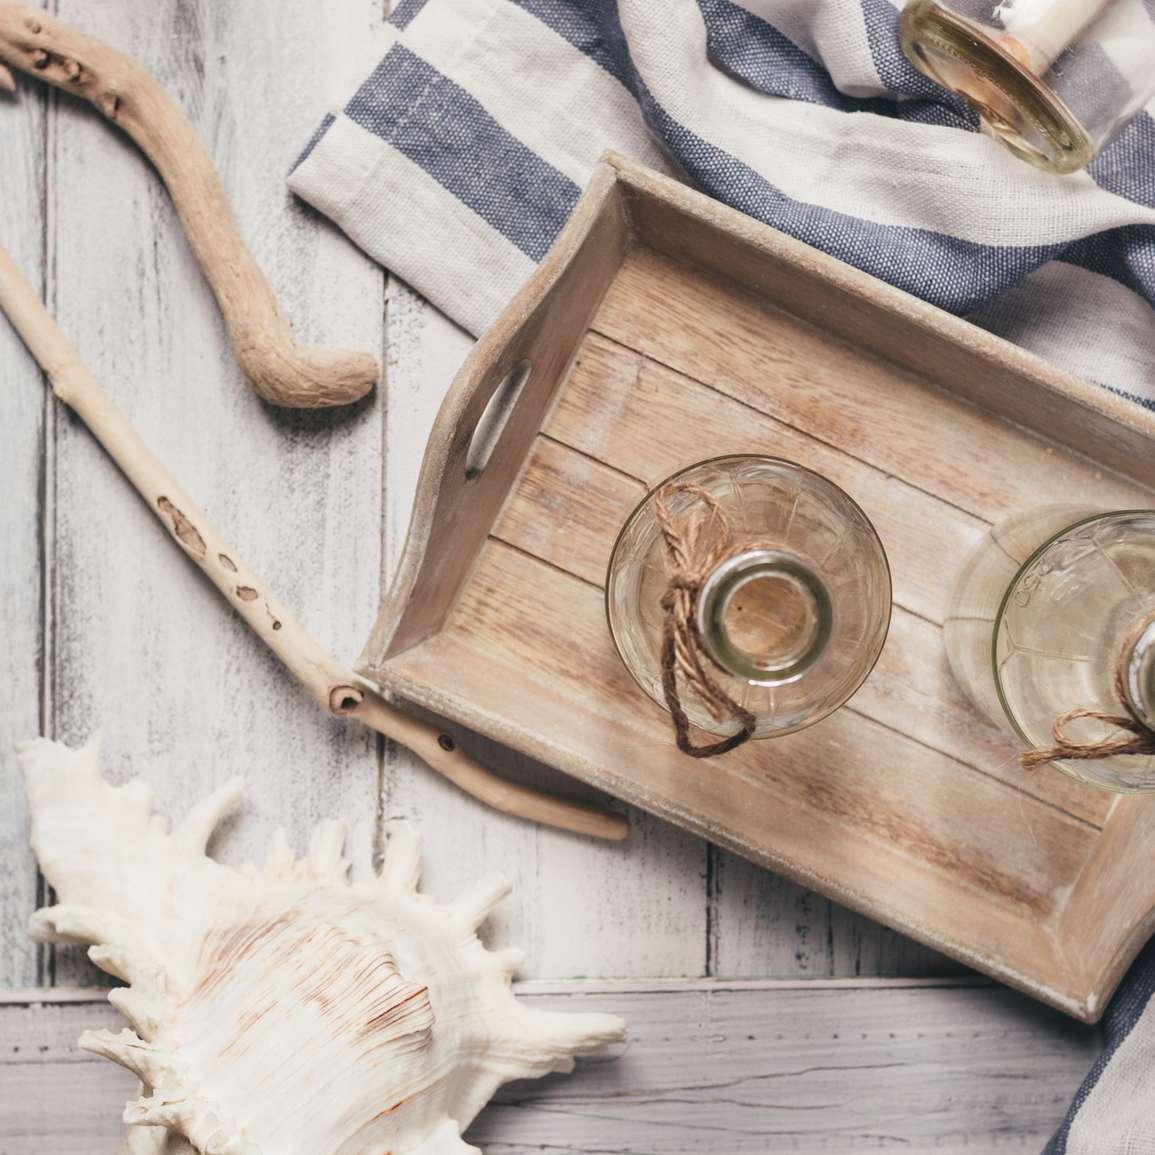 Mesa de madera con tela, candelabros, concha